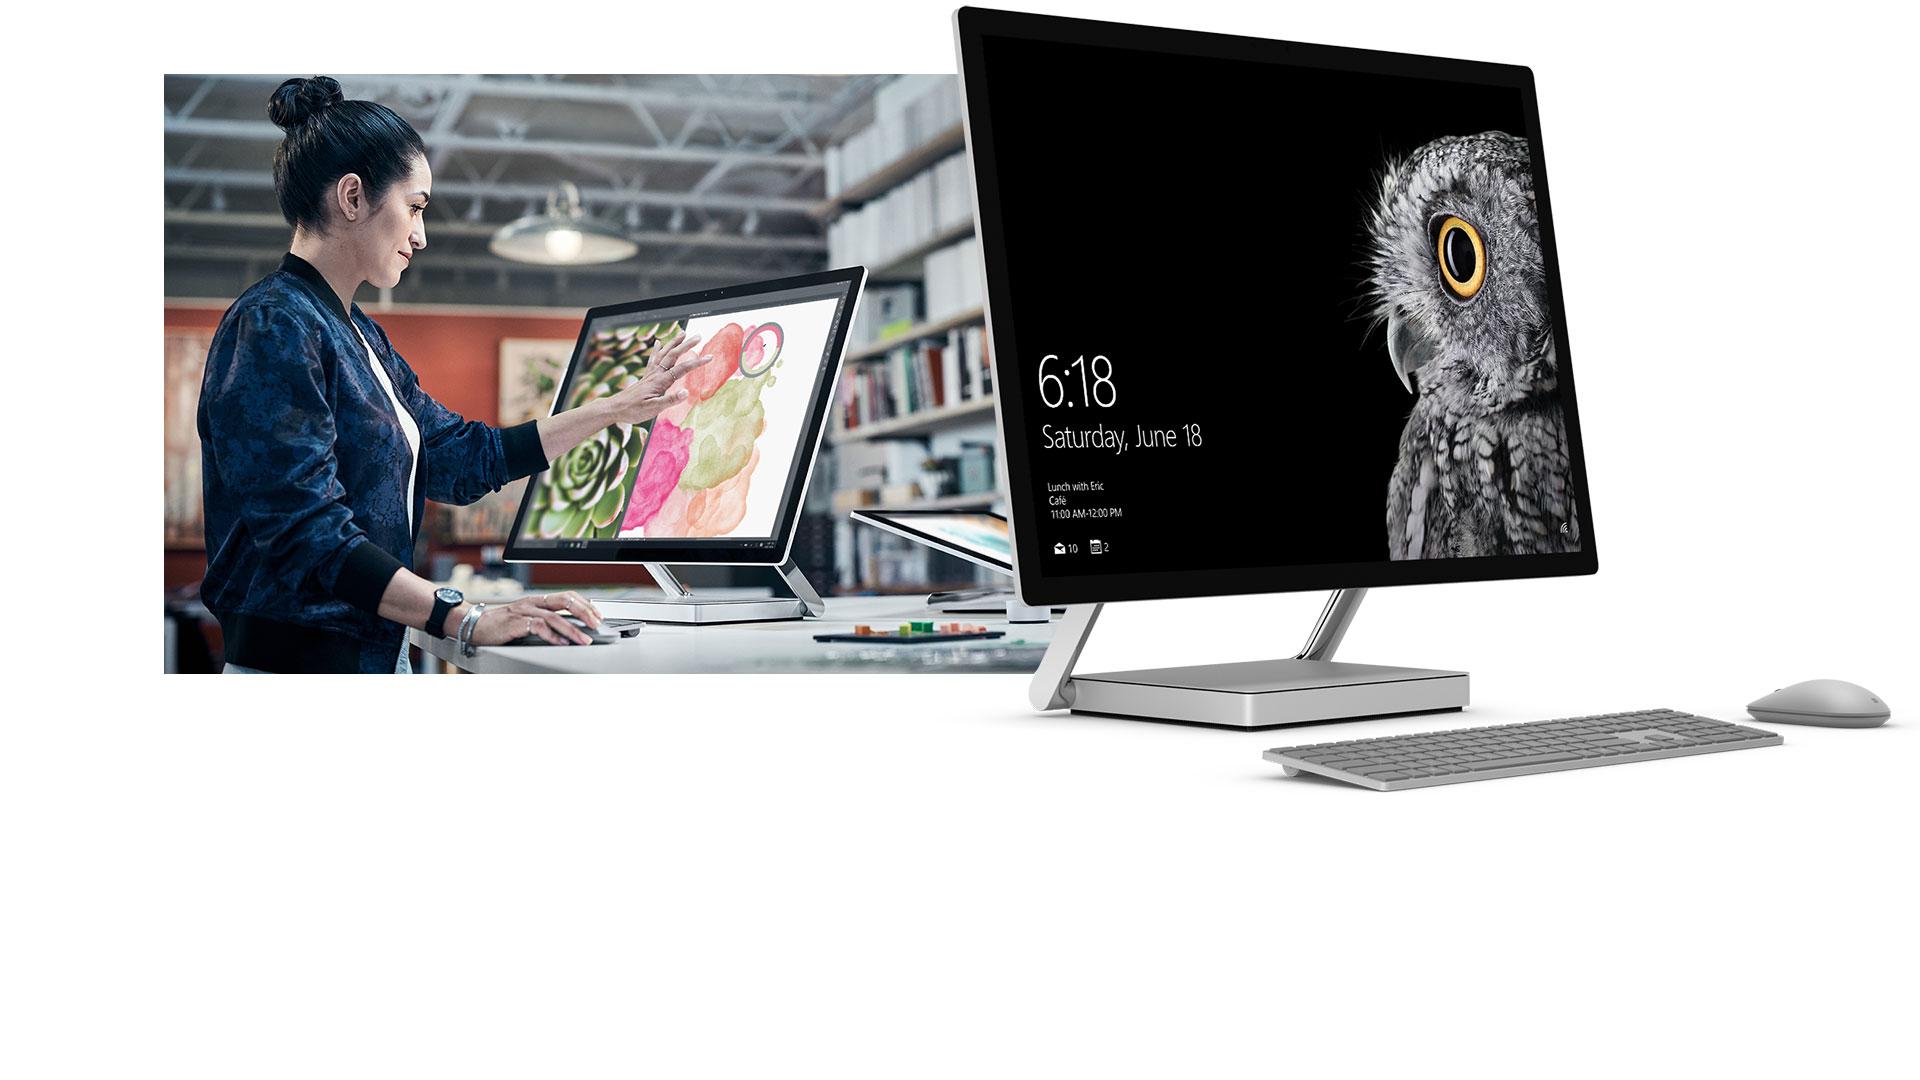 女人觸碰採用桌上型電腦模式的 Surface Studio 顯示器,旁邊是 Surface Studio 的產品